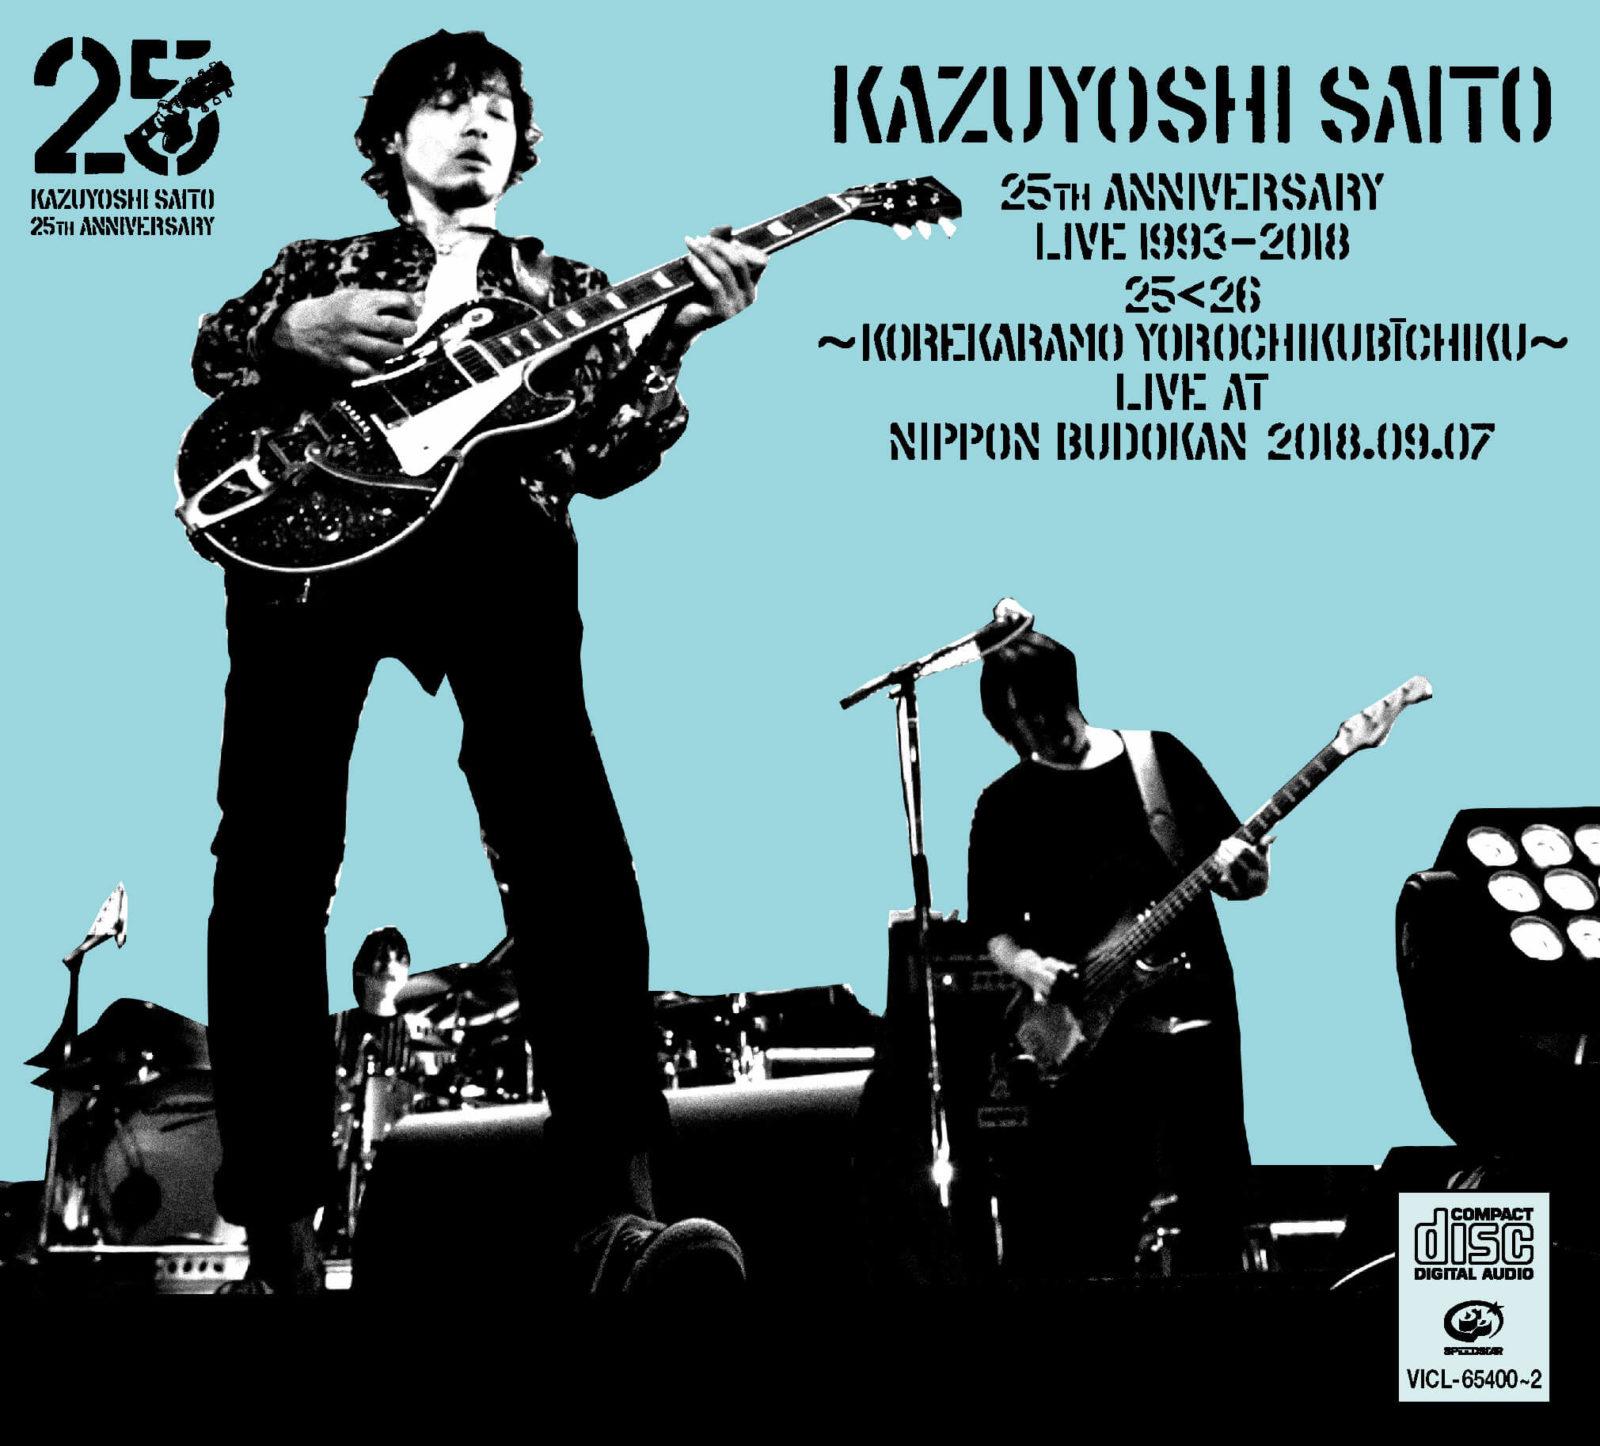 斉藤和義、日本武道館と札幌アフターパーティを完全網羅した25周年記念ライブ作品をリリースサムネイル画像